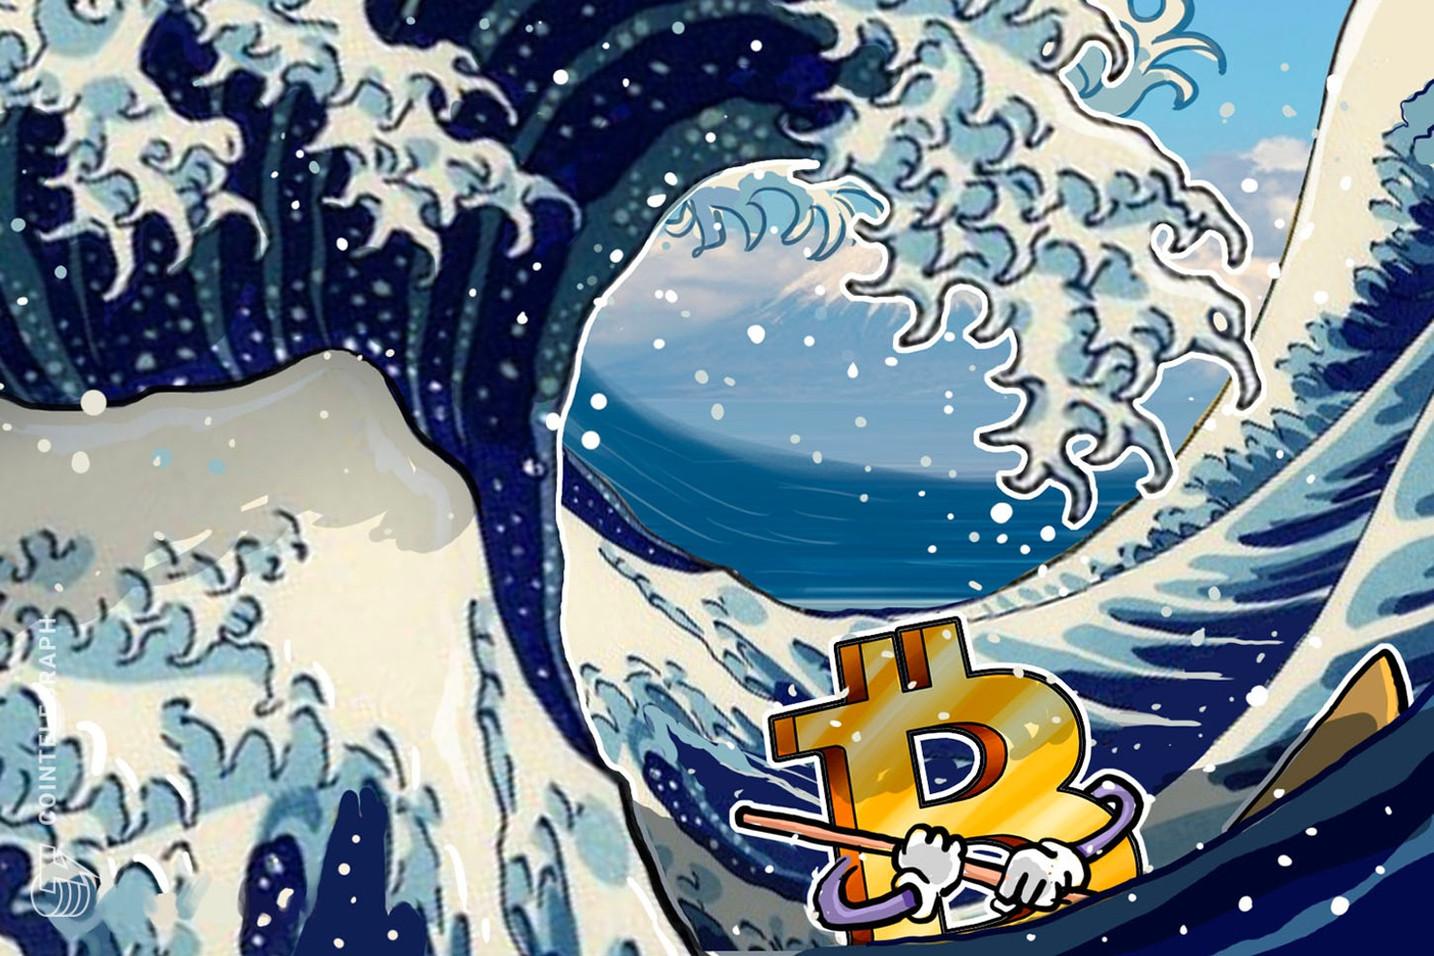 世界不安の中、ビットコイン8000ドルをなんとか維持|今日の難易度調整は大幅プラスに